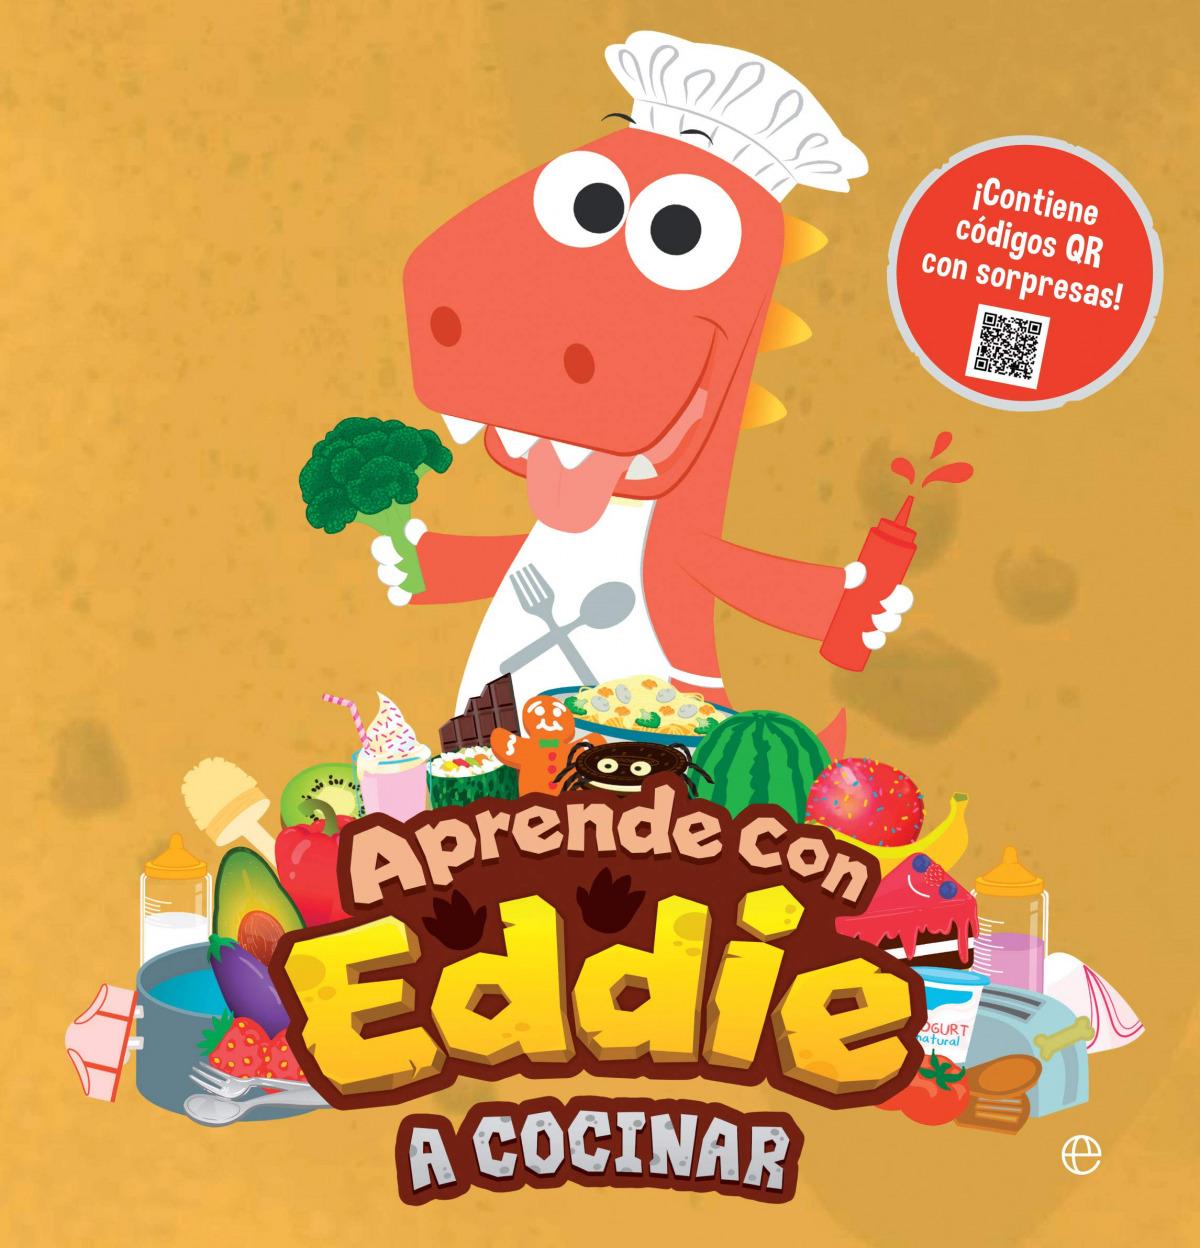 Aprende con Eddie a cocinar